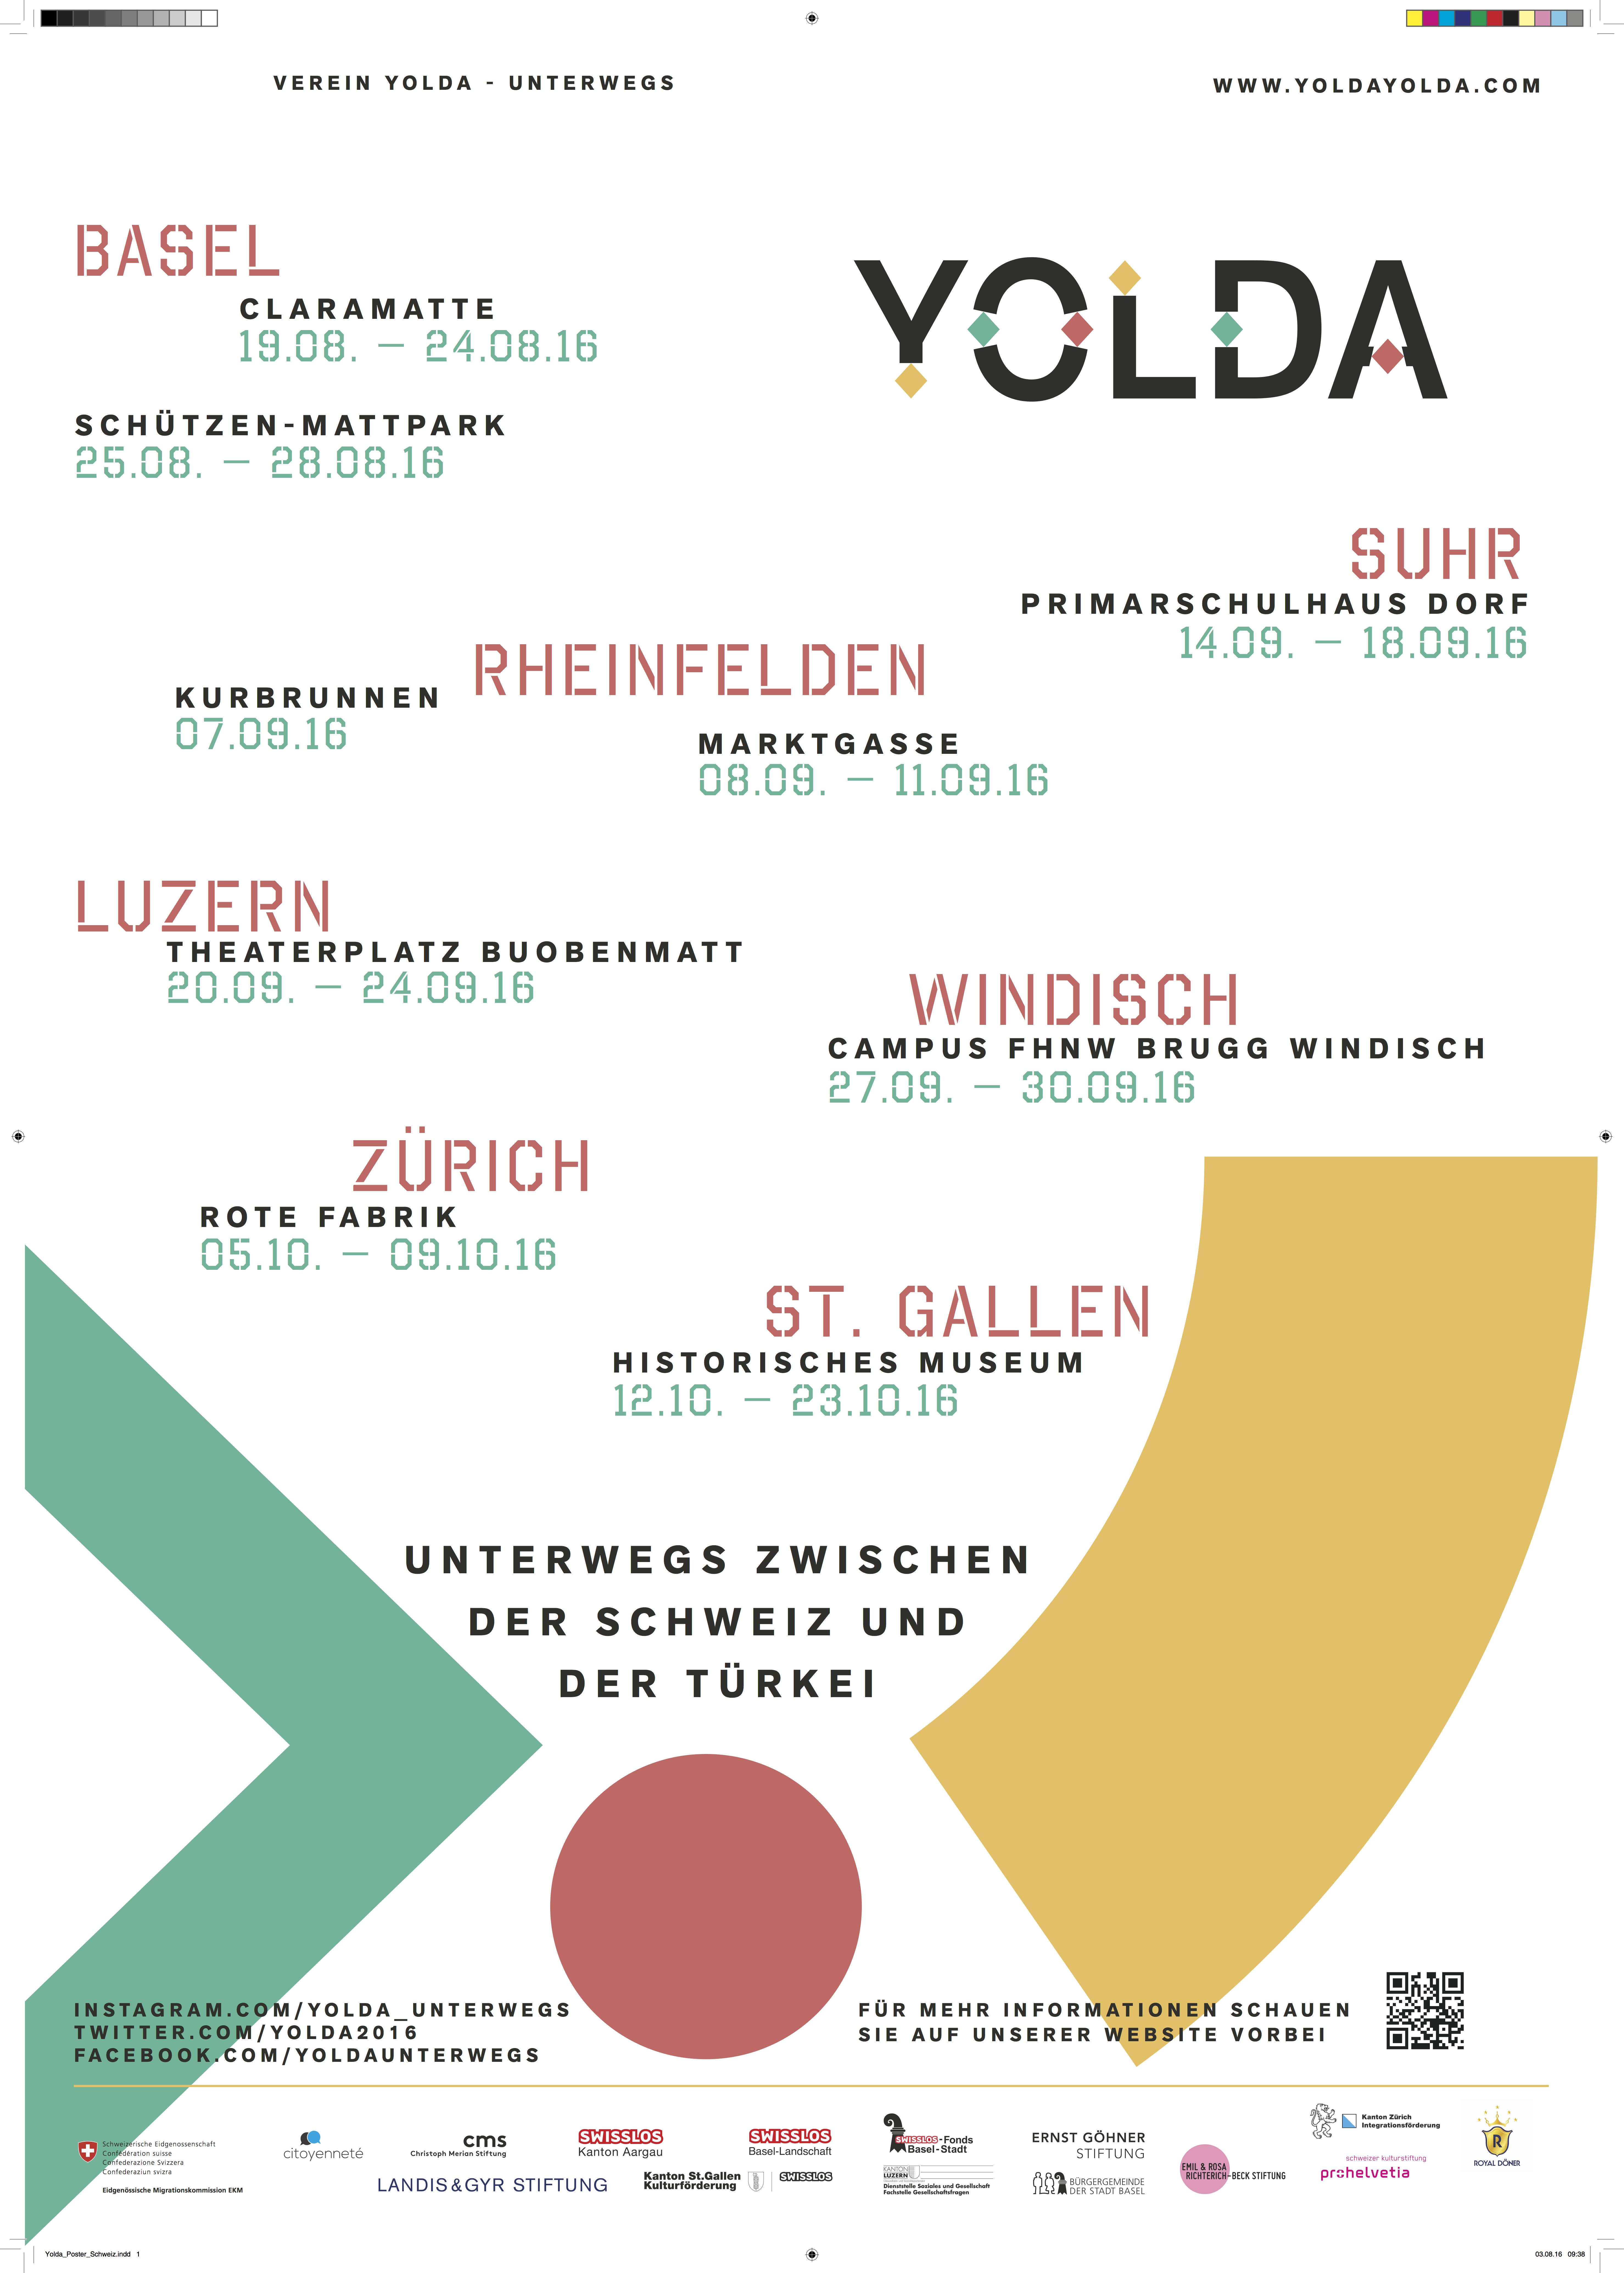 09_2016_Yolda_Poster_Tournee_Schweiz_01